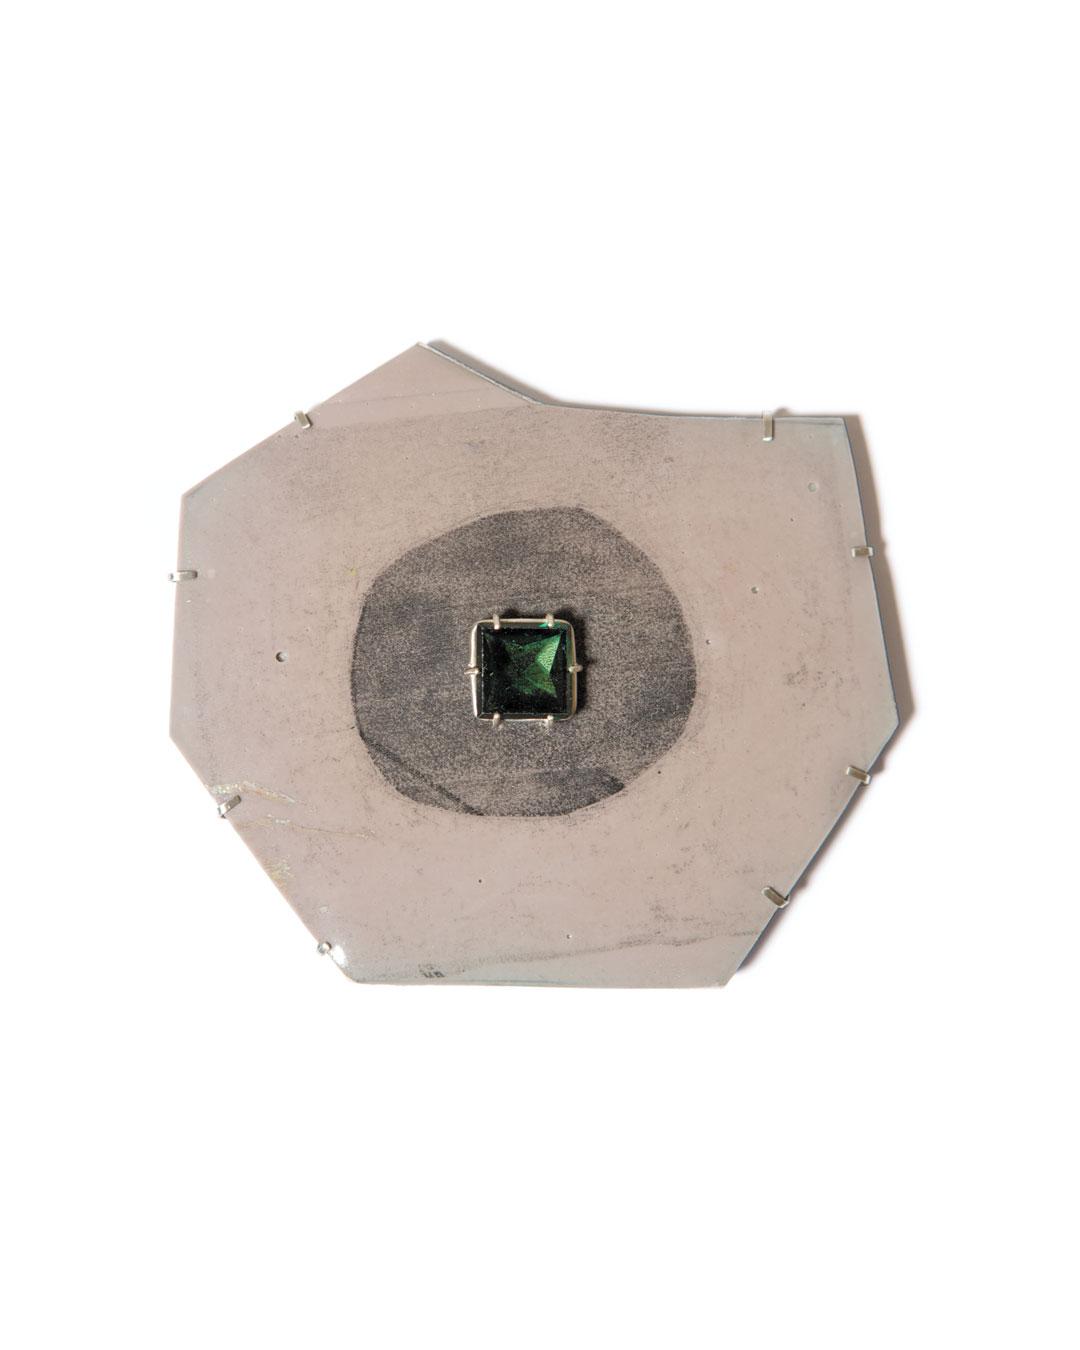 Margit Jäschke, untitled, 2013, brooch; Kapa foam board, epoxy, silver, synthetic stone, 112 x 98 x 12 mm, €1460